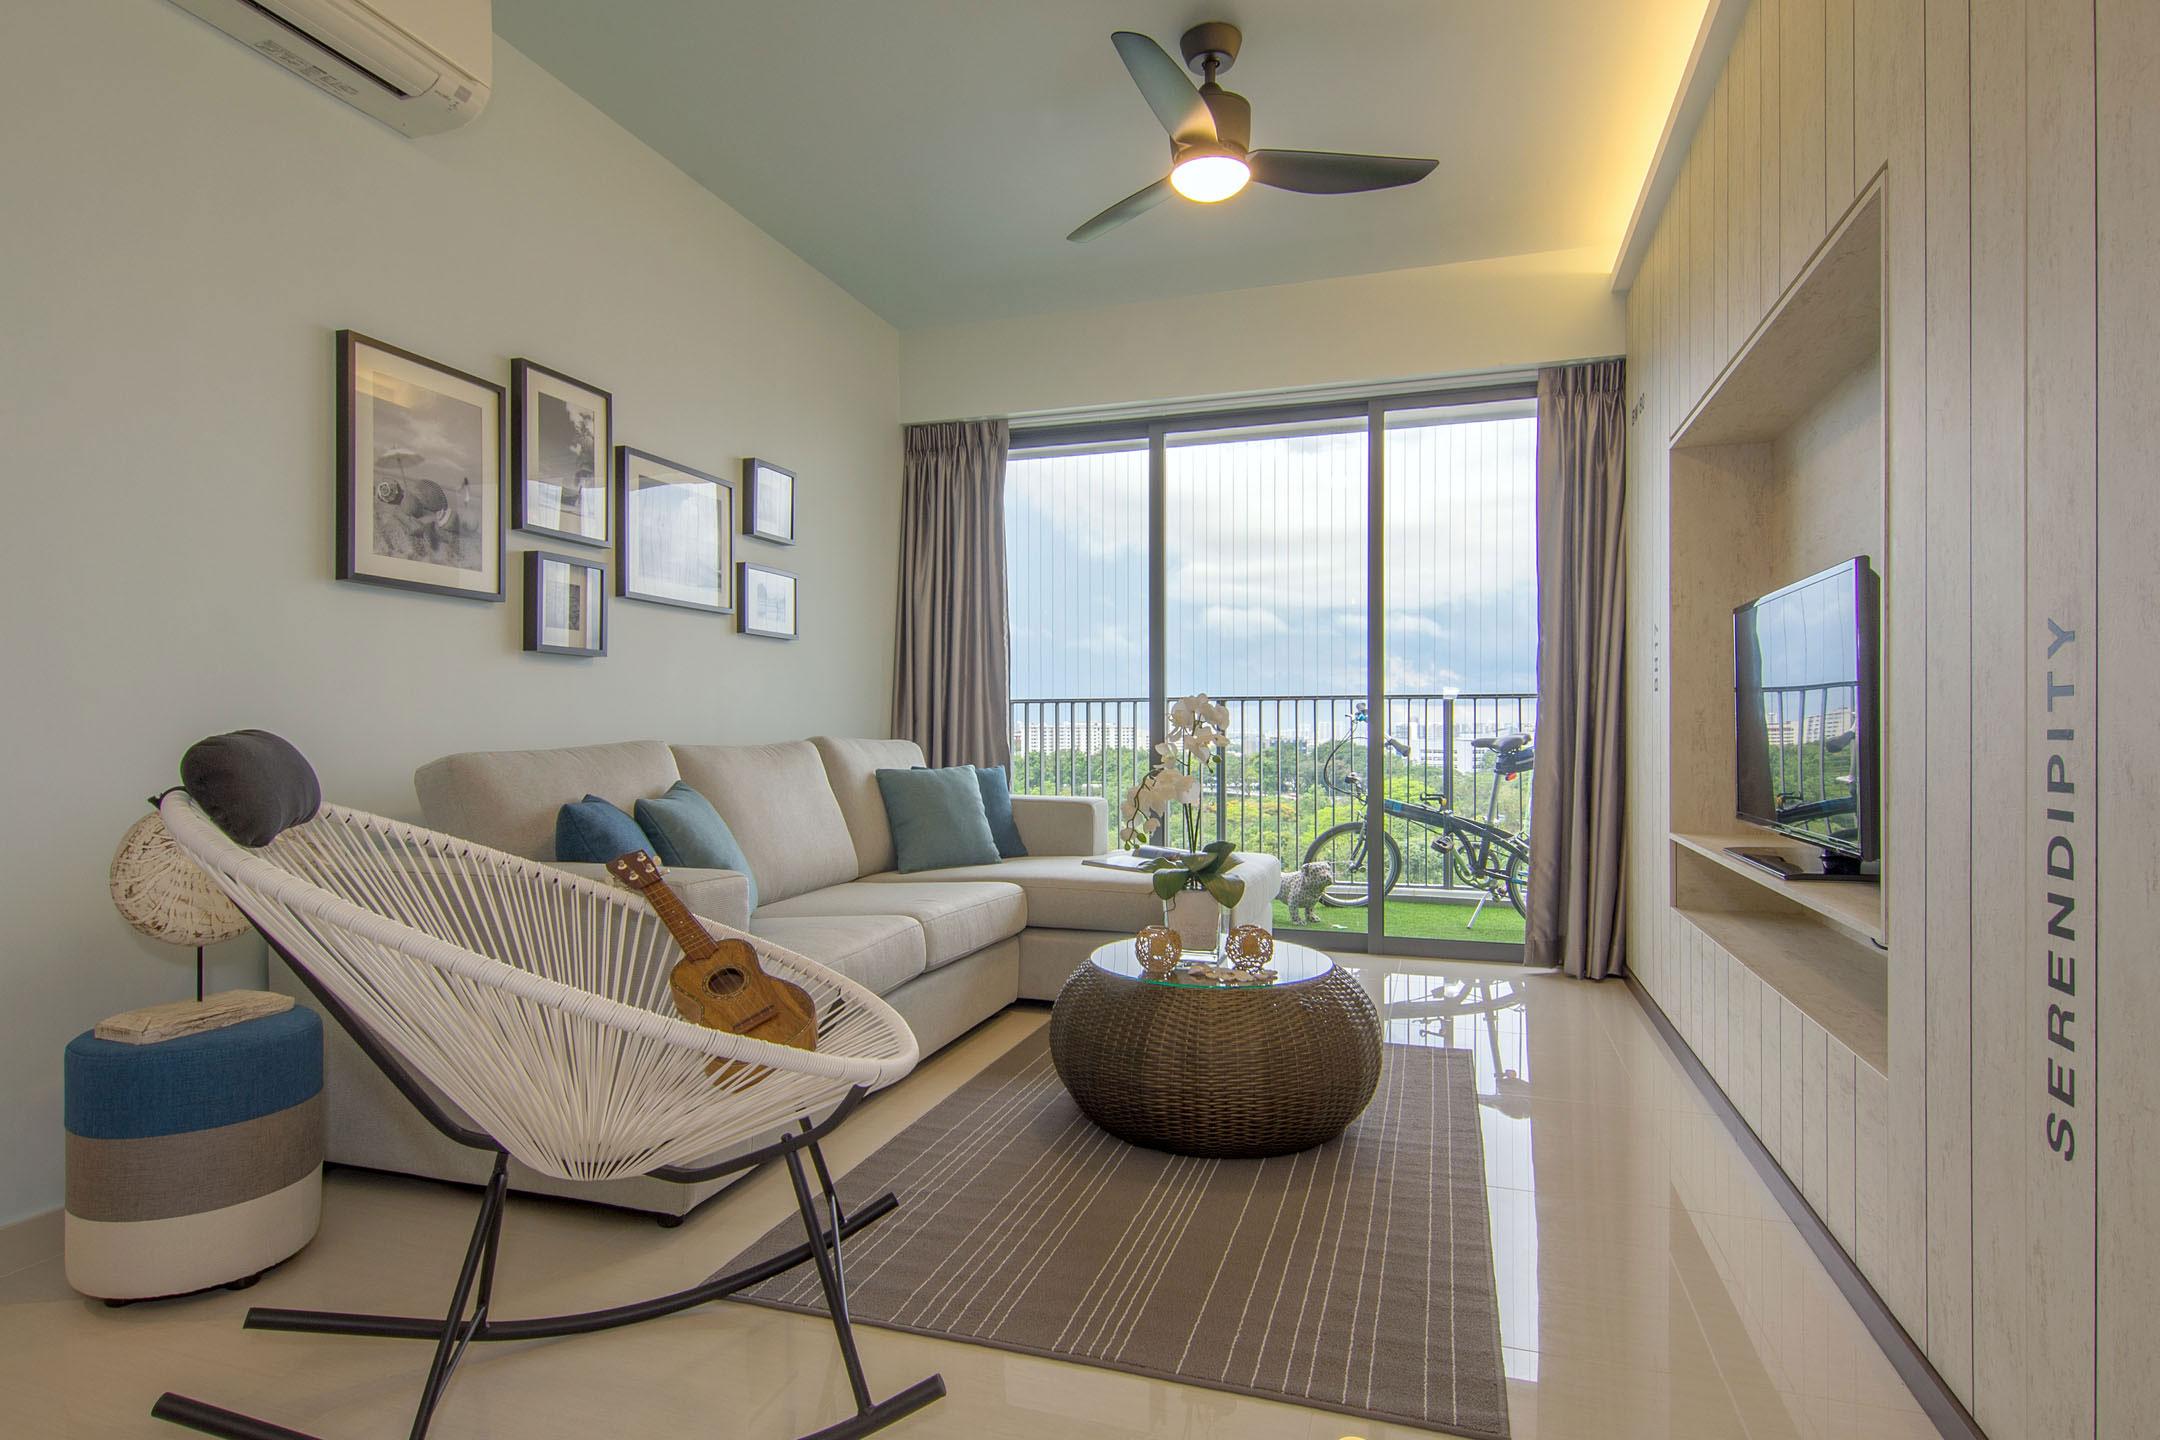 Bedroom Ideas For Beach House